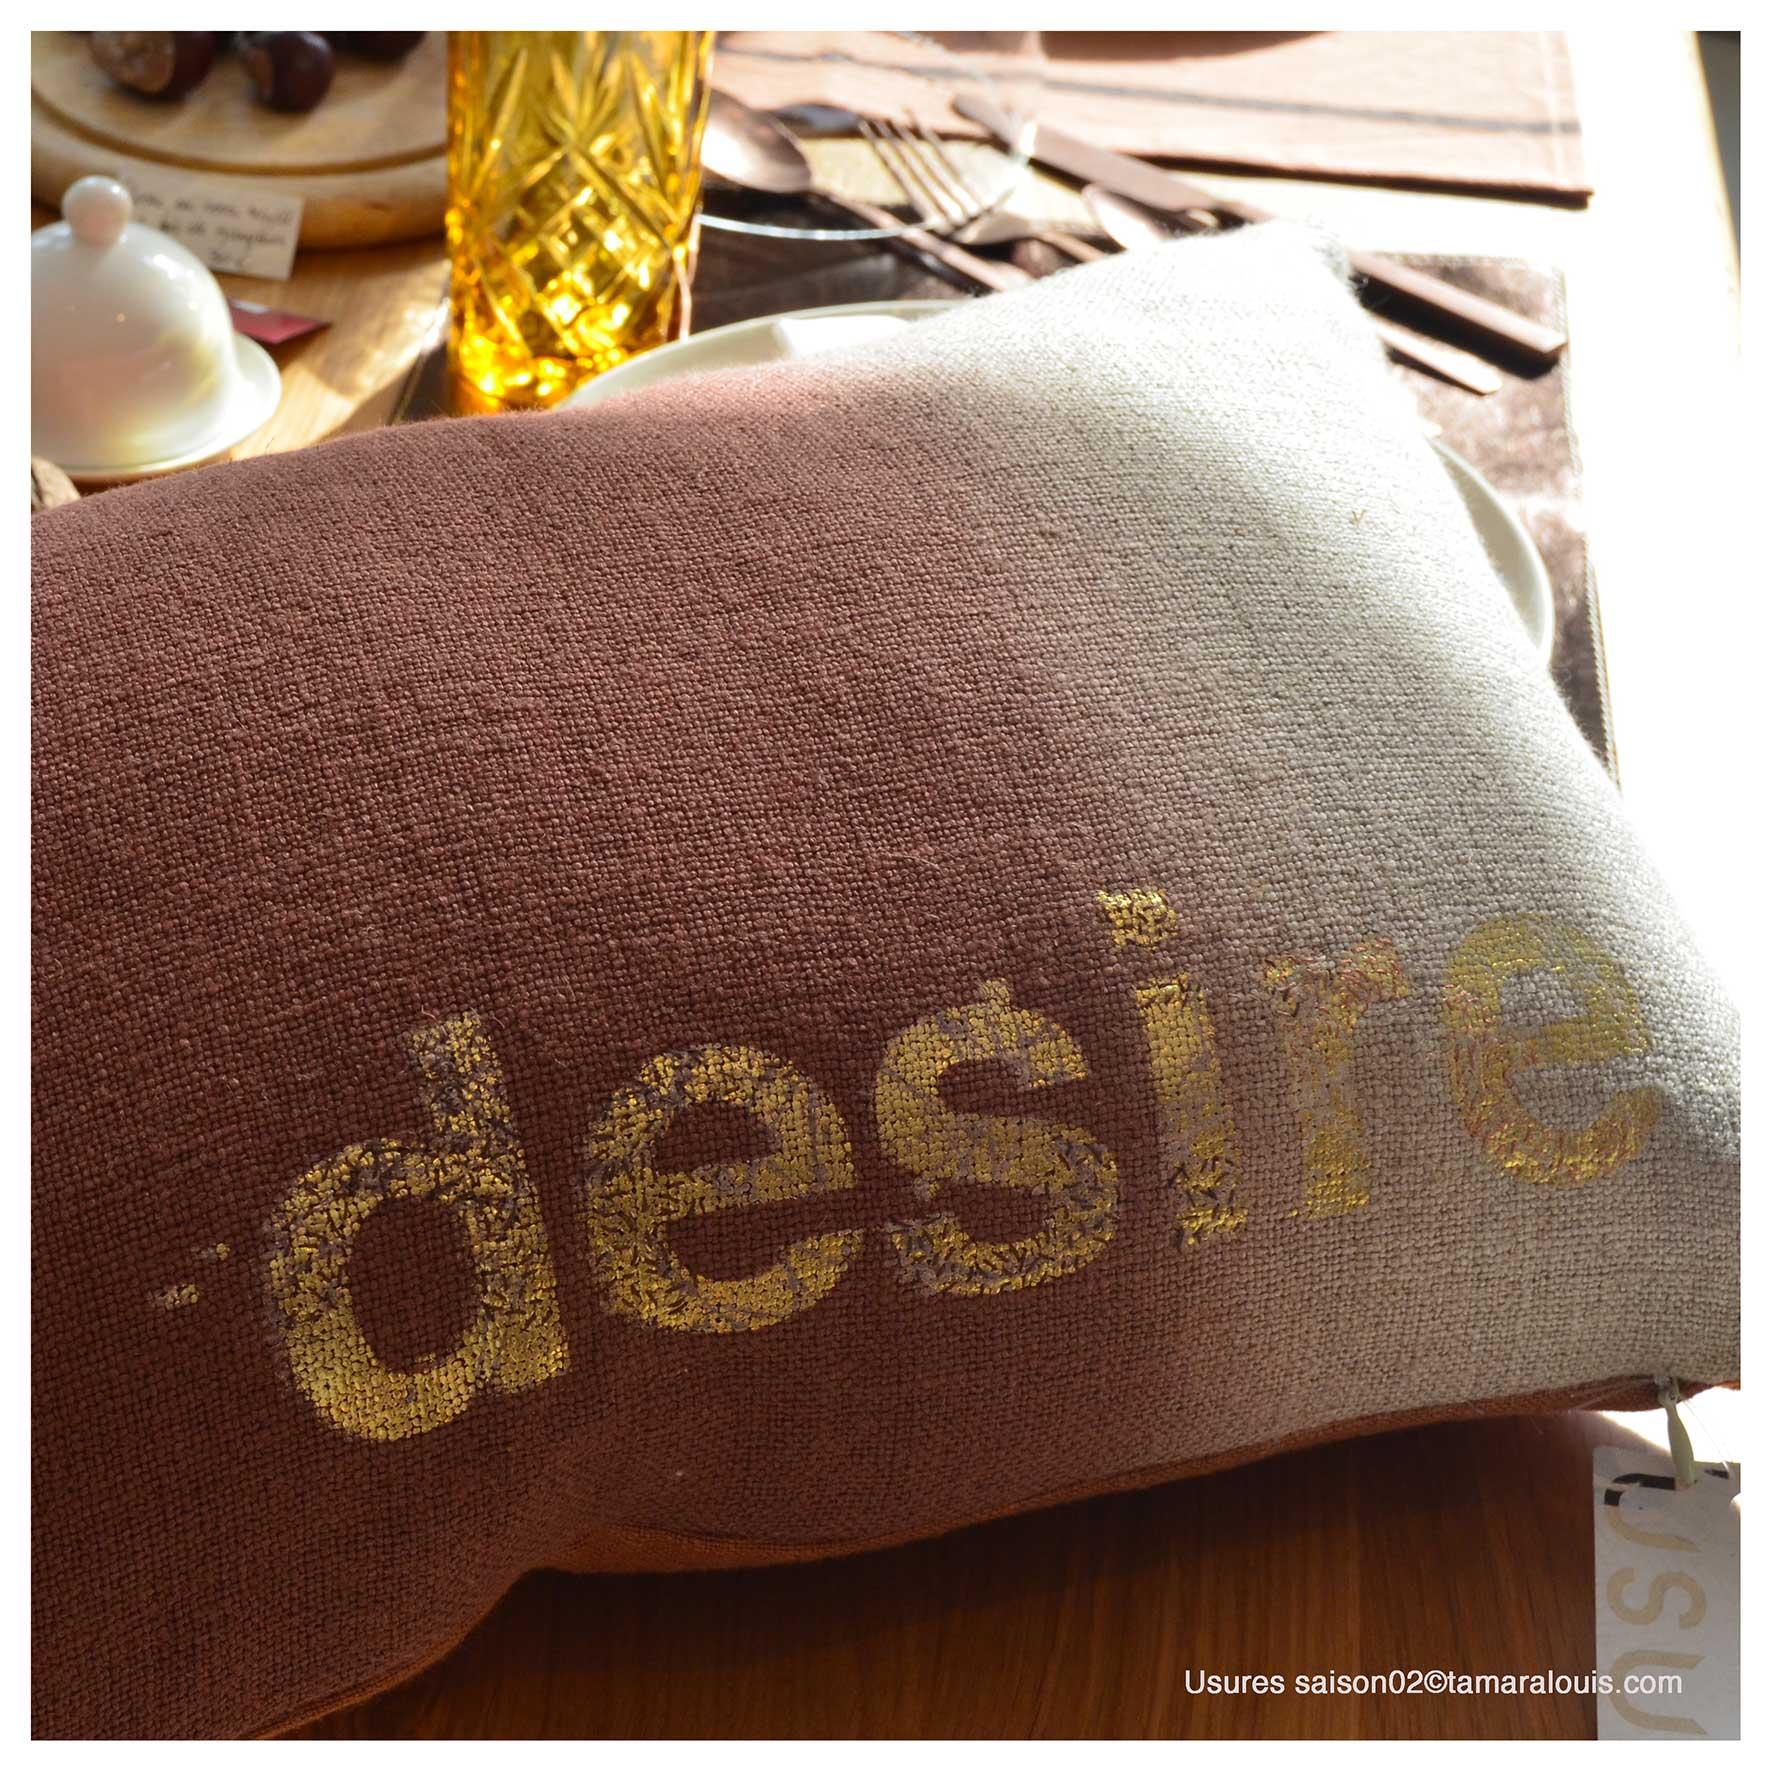 slowdesign & ameublement design textile sapristi